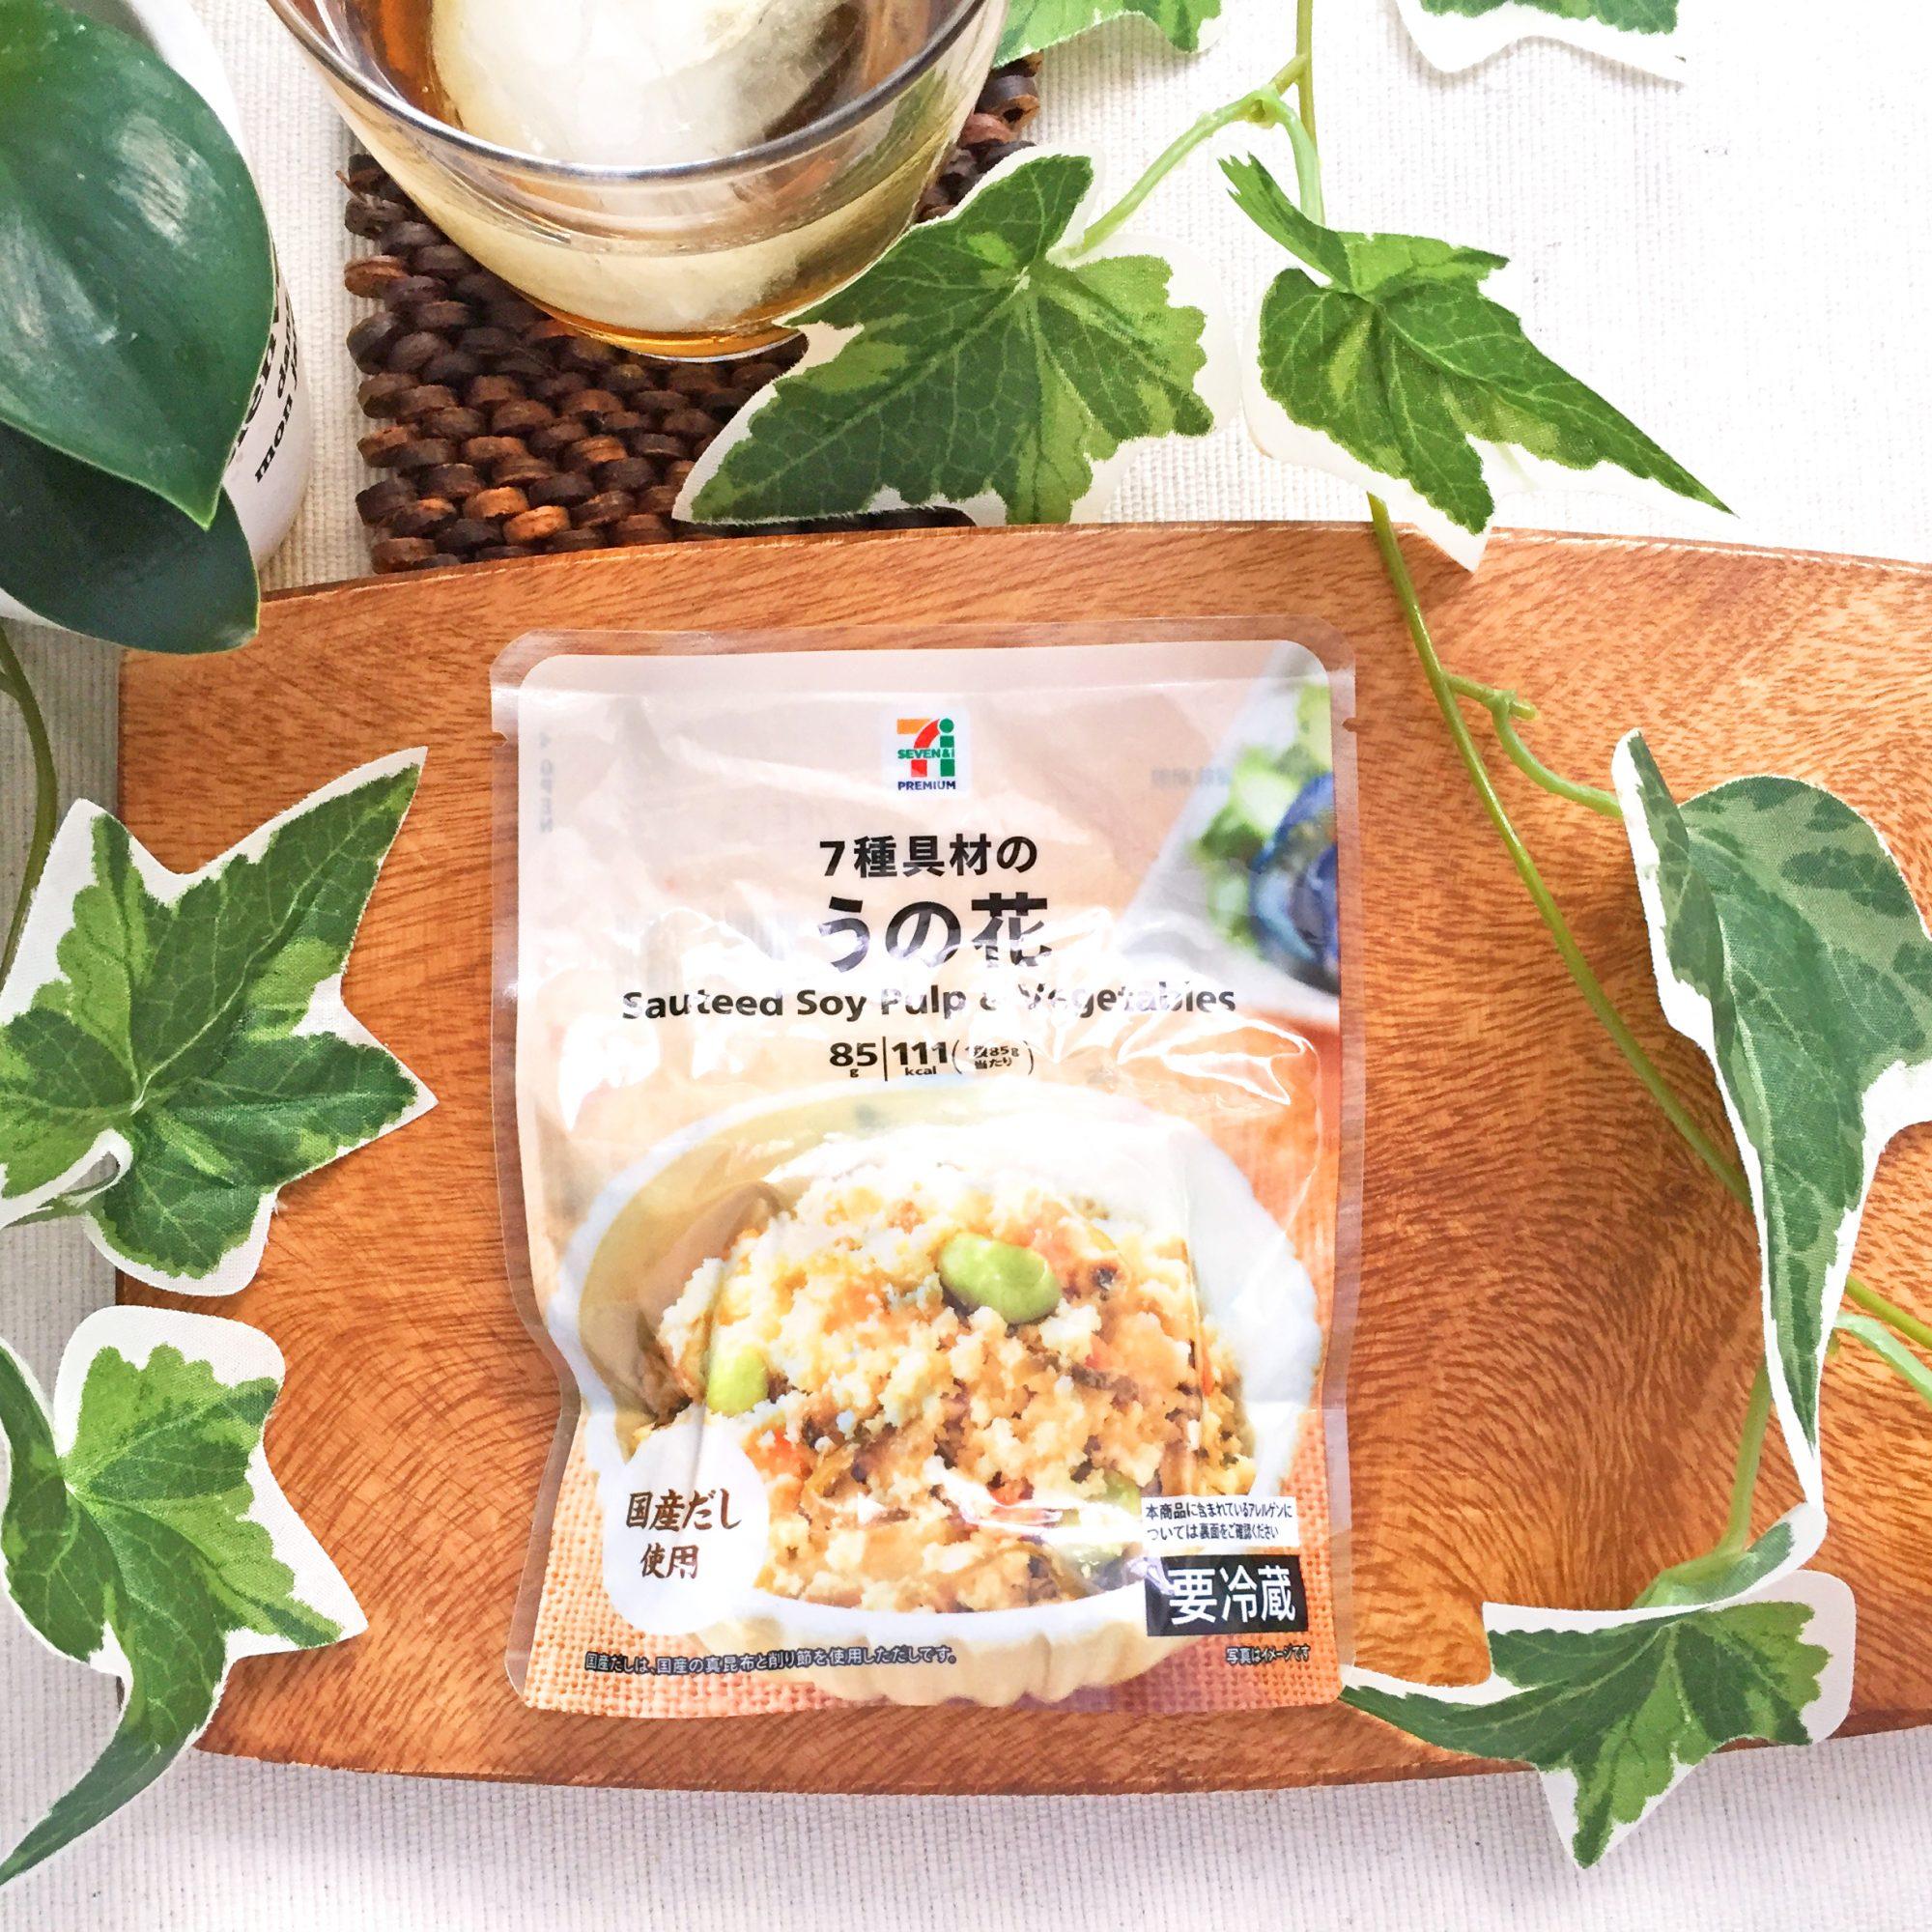 セブン-イレブン『7プレミアム 7種具材のうの花』は出汁の効いた優しい旨味と存在感ある具材の食感が楽しい小鉢系惣菜!